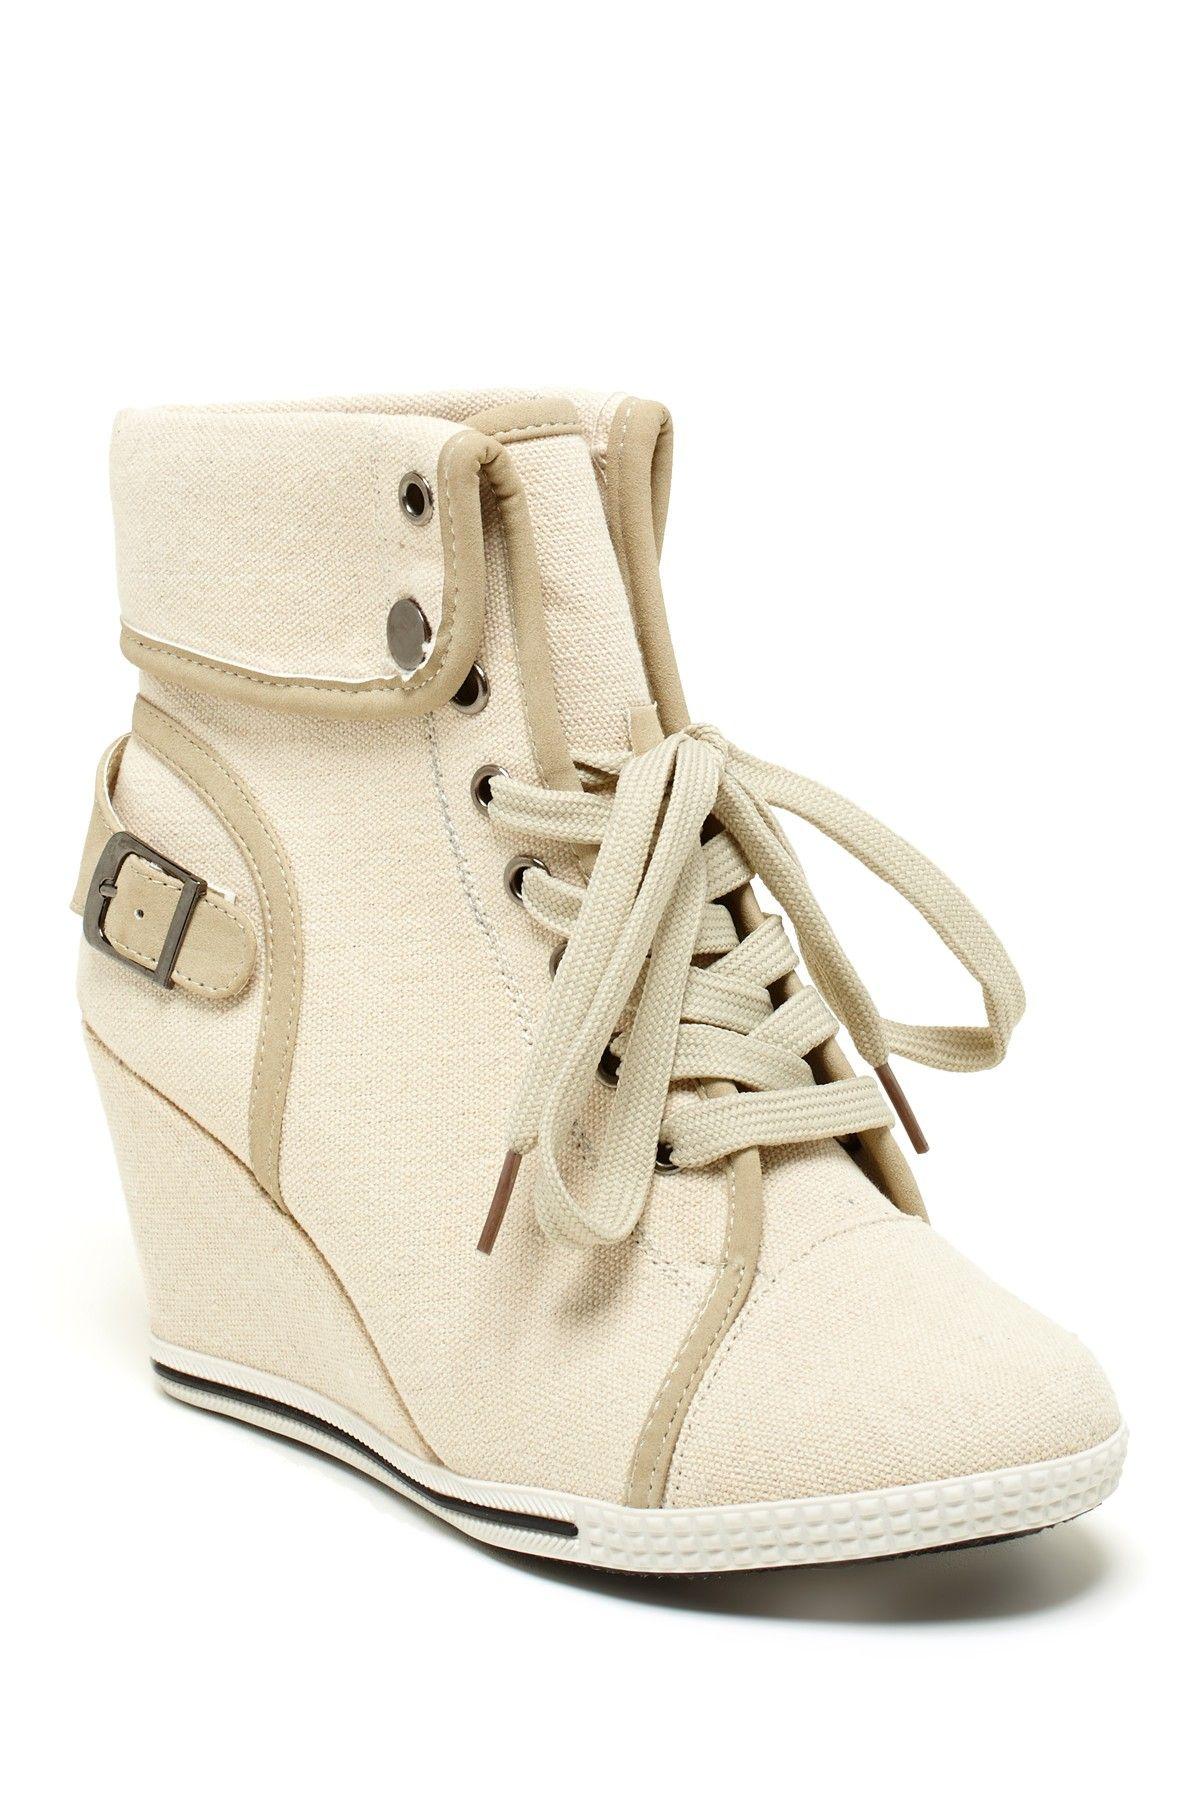 8039f116770 Aviva Wedge Sneaker